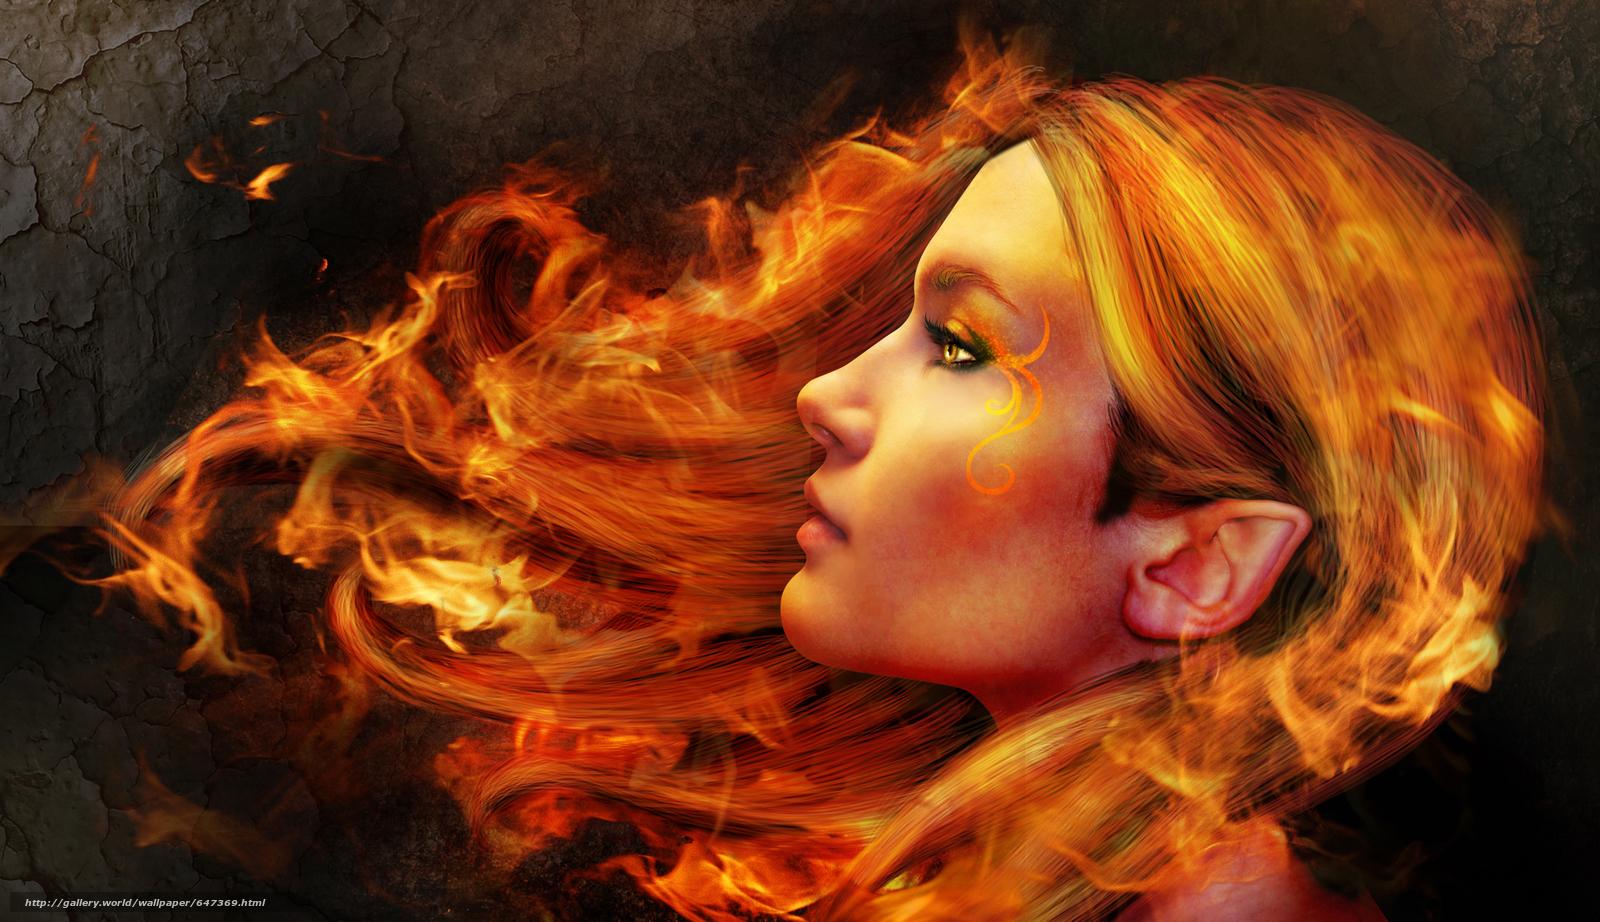 Скачать обои девушка,  эльф,  волосы в огне бесплатно для рабочего стола в разрешении 3816x2200 — картинка №647369